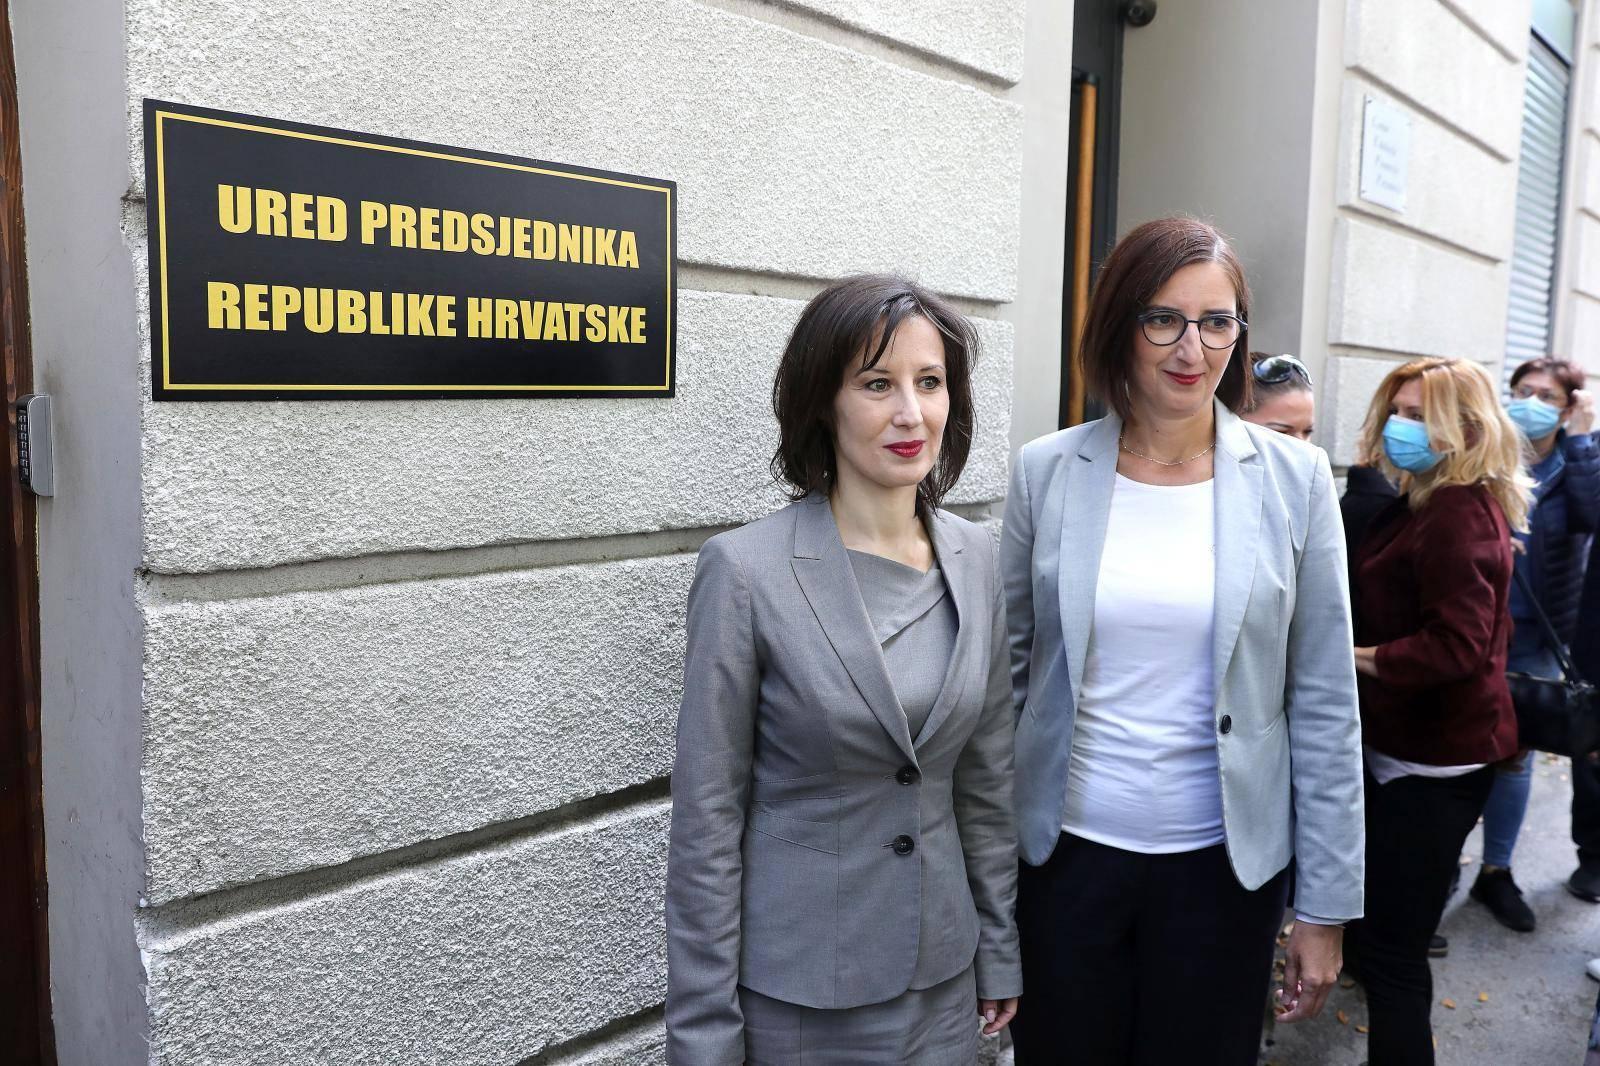 """Orešković i Puljak postavile ploču Ureda predsjednika na prostor """"Kluba Dragana Kovačevića"""""""